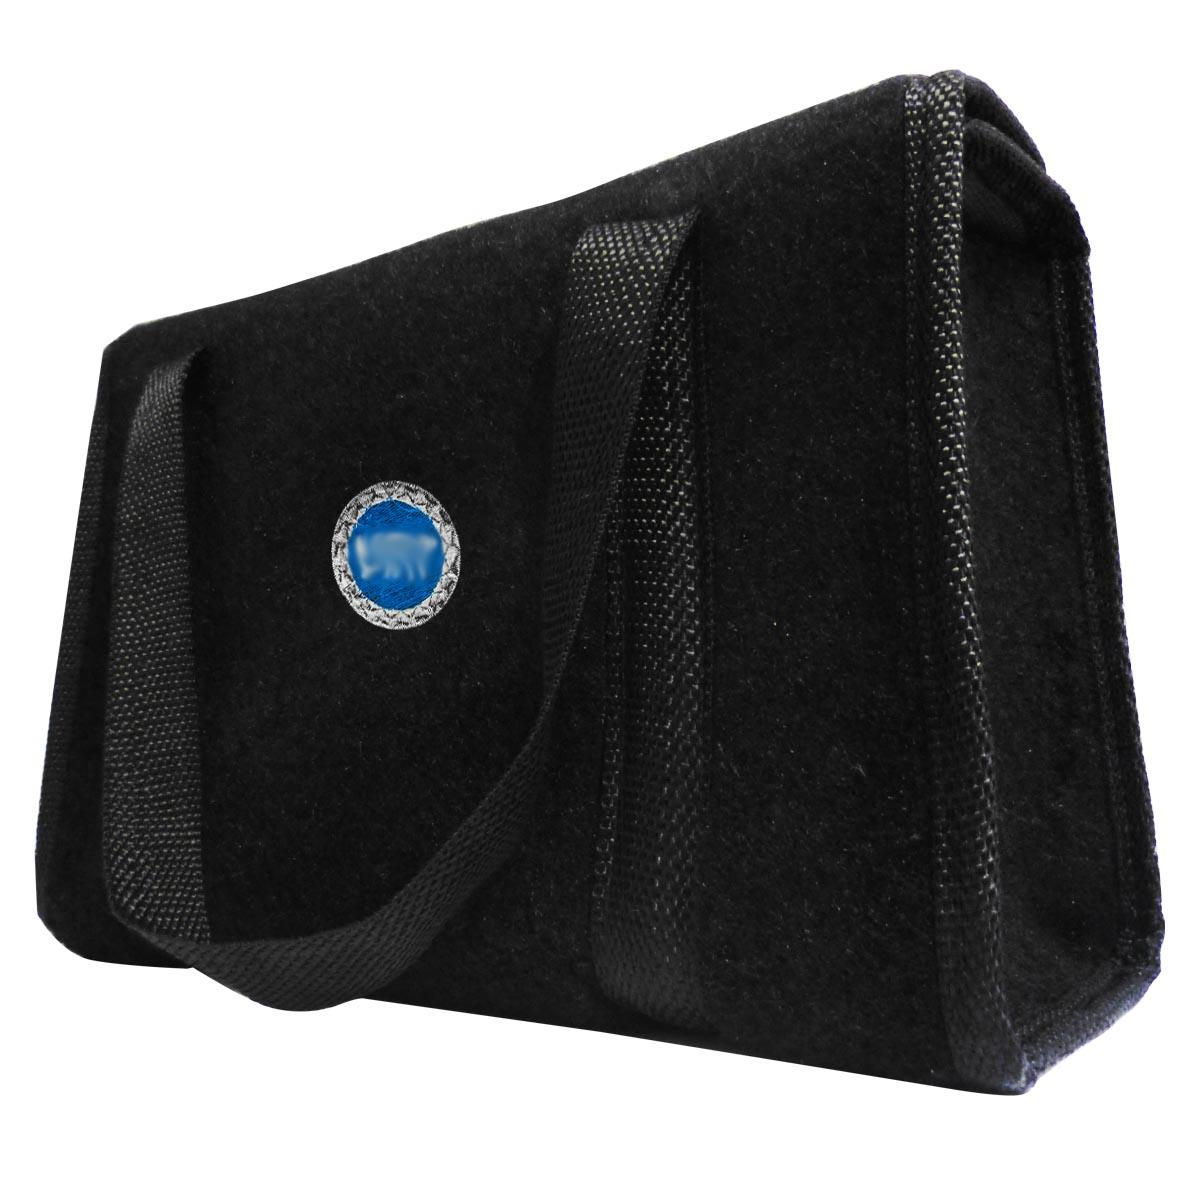 Bolsa Ferramentas Carpete Preto Velcro - Emblema Fiat Azul